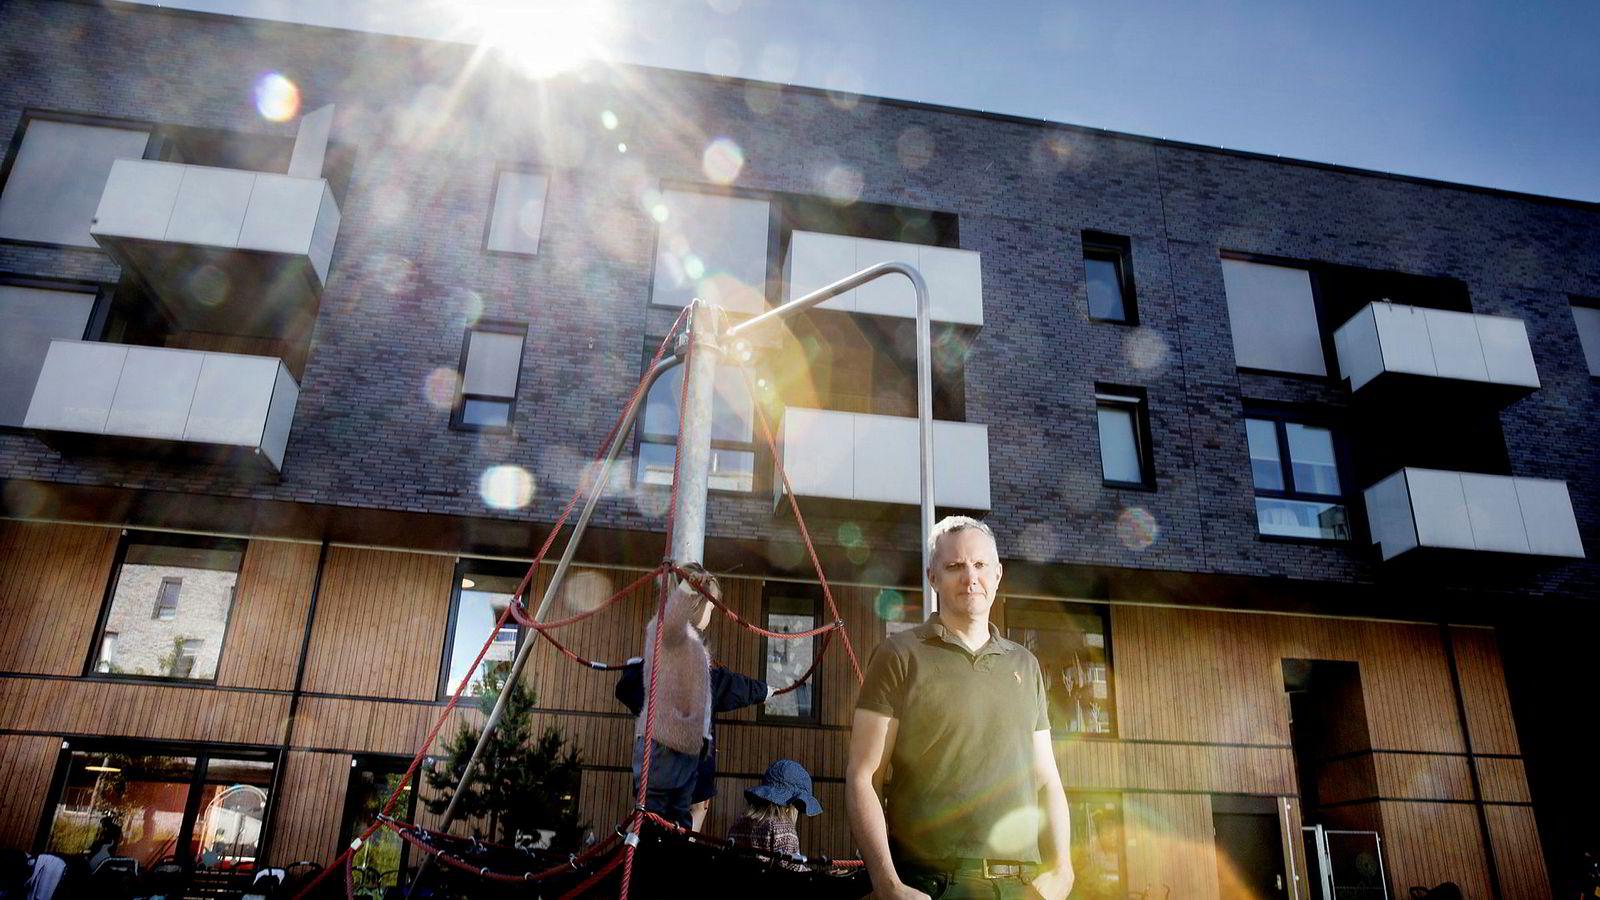 Hans Jacob Sundby har sammen med kona Randi Lauvland Sundby de siste årene bygget opp Læringsverkstedet til Norges største barnehagekjede. Selskapet omsatte i 2018 for 3,5 milliarder kroner.